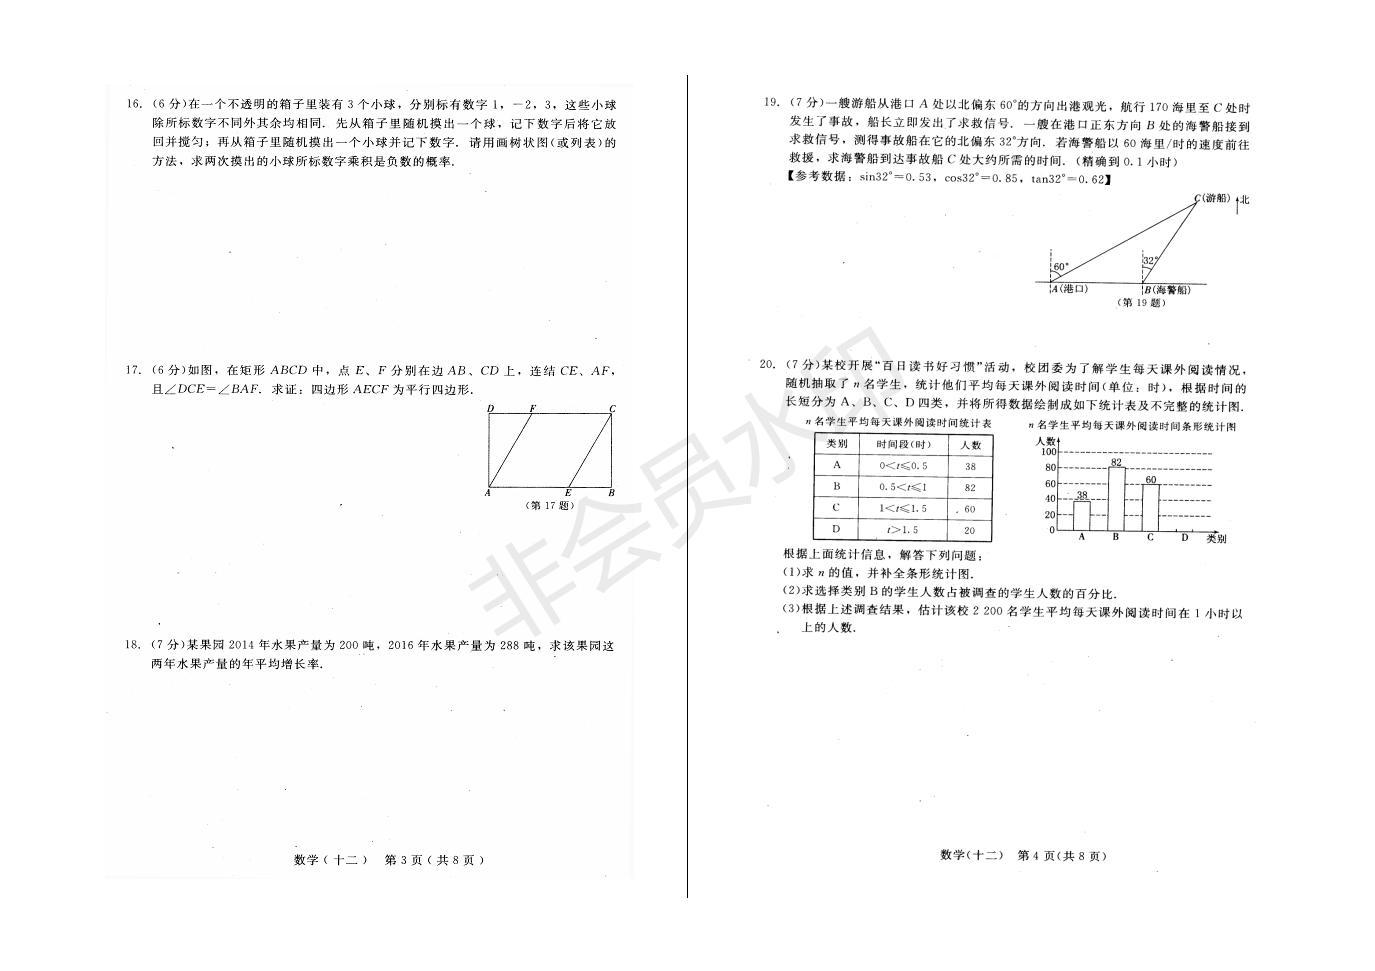 长春市中考综合学习评价与检测数学试卷(十二)(ZKSX0190)